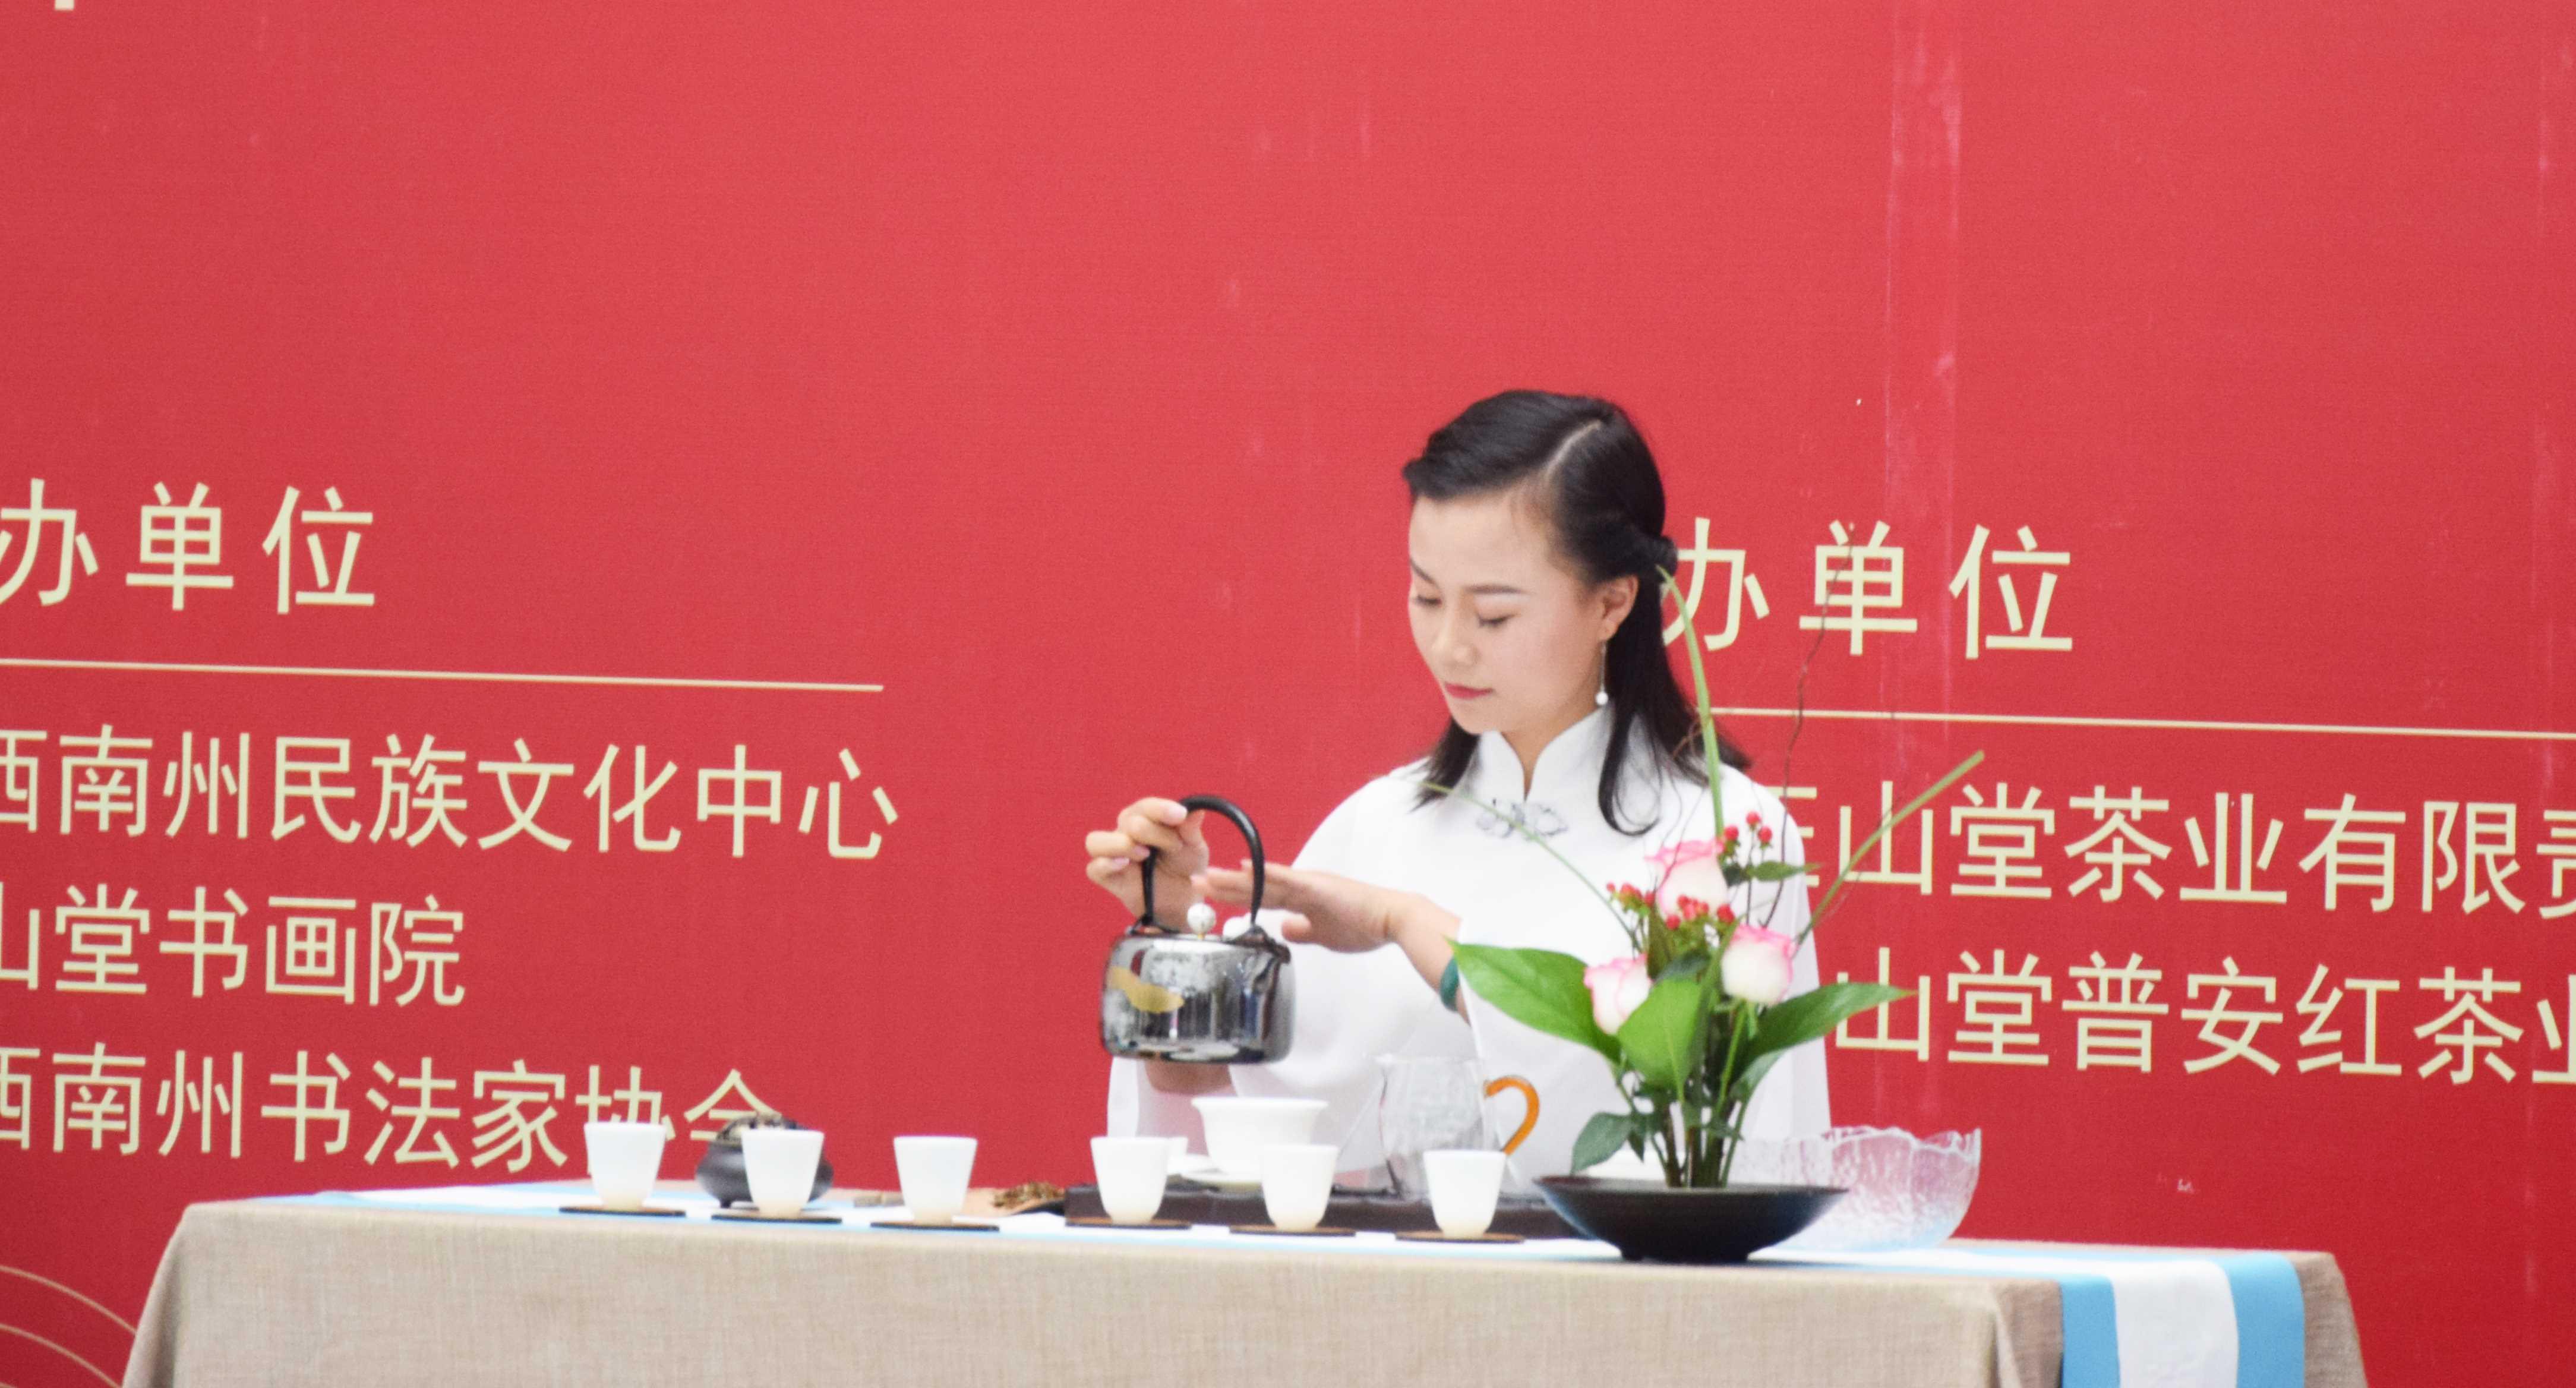 4茶艺表演